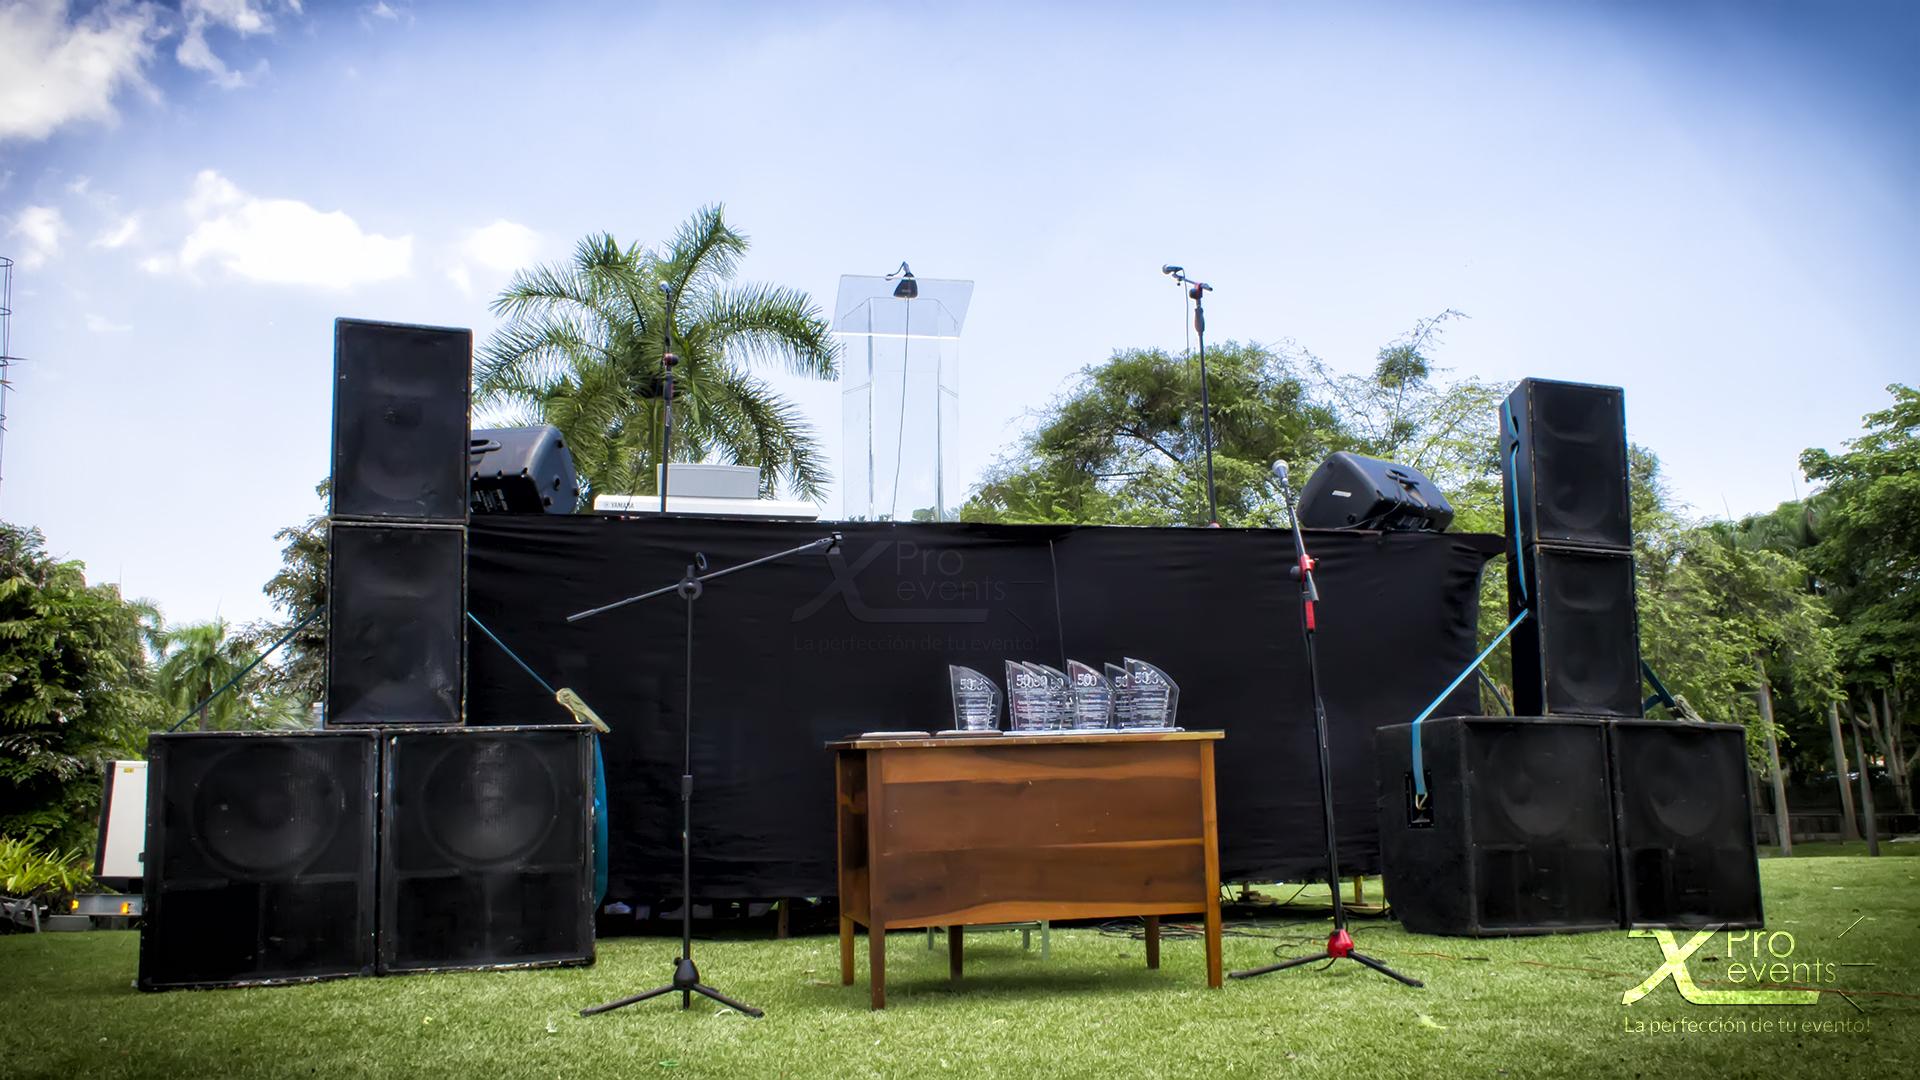 X Pro events - Tarima con sonido podium acrilico y microfonos (1)